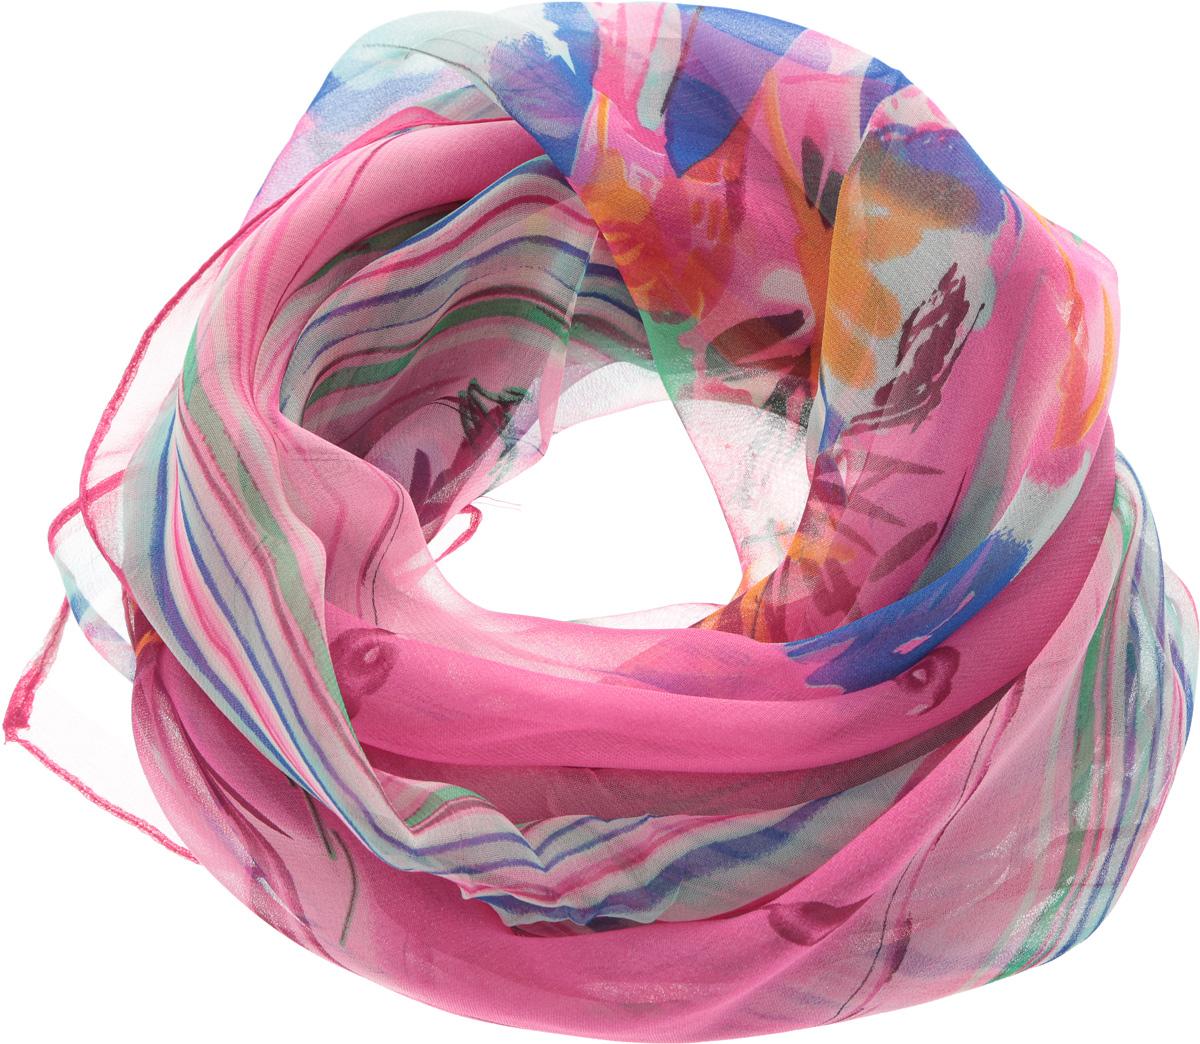 YY-11561-10Элегантный шарф Sophie Ramage изготовлен из натурального шелка, позволит вам создать неповторимый и запоминающийся образ. Легкий и полупрозрачный шарф оформлен оригинальным цветочным принтом, дополненным по краям яркими полосками. Шарф красиво драпируется, он превосходно дополнит любой наряд и подчеркнет ваш изысканный вкус. Модный и изящный шарф Sophie Ramage привнесет в ваш образ утонченность и шарм.